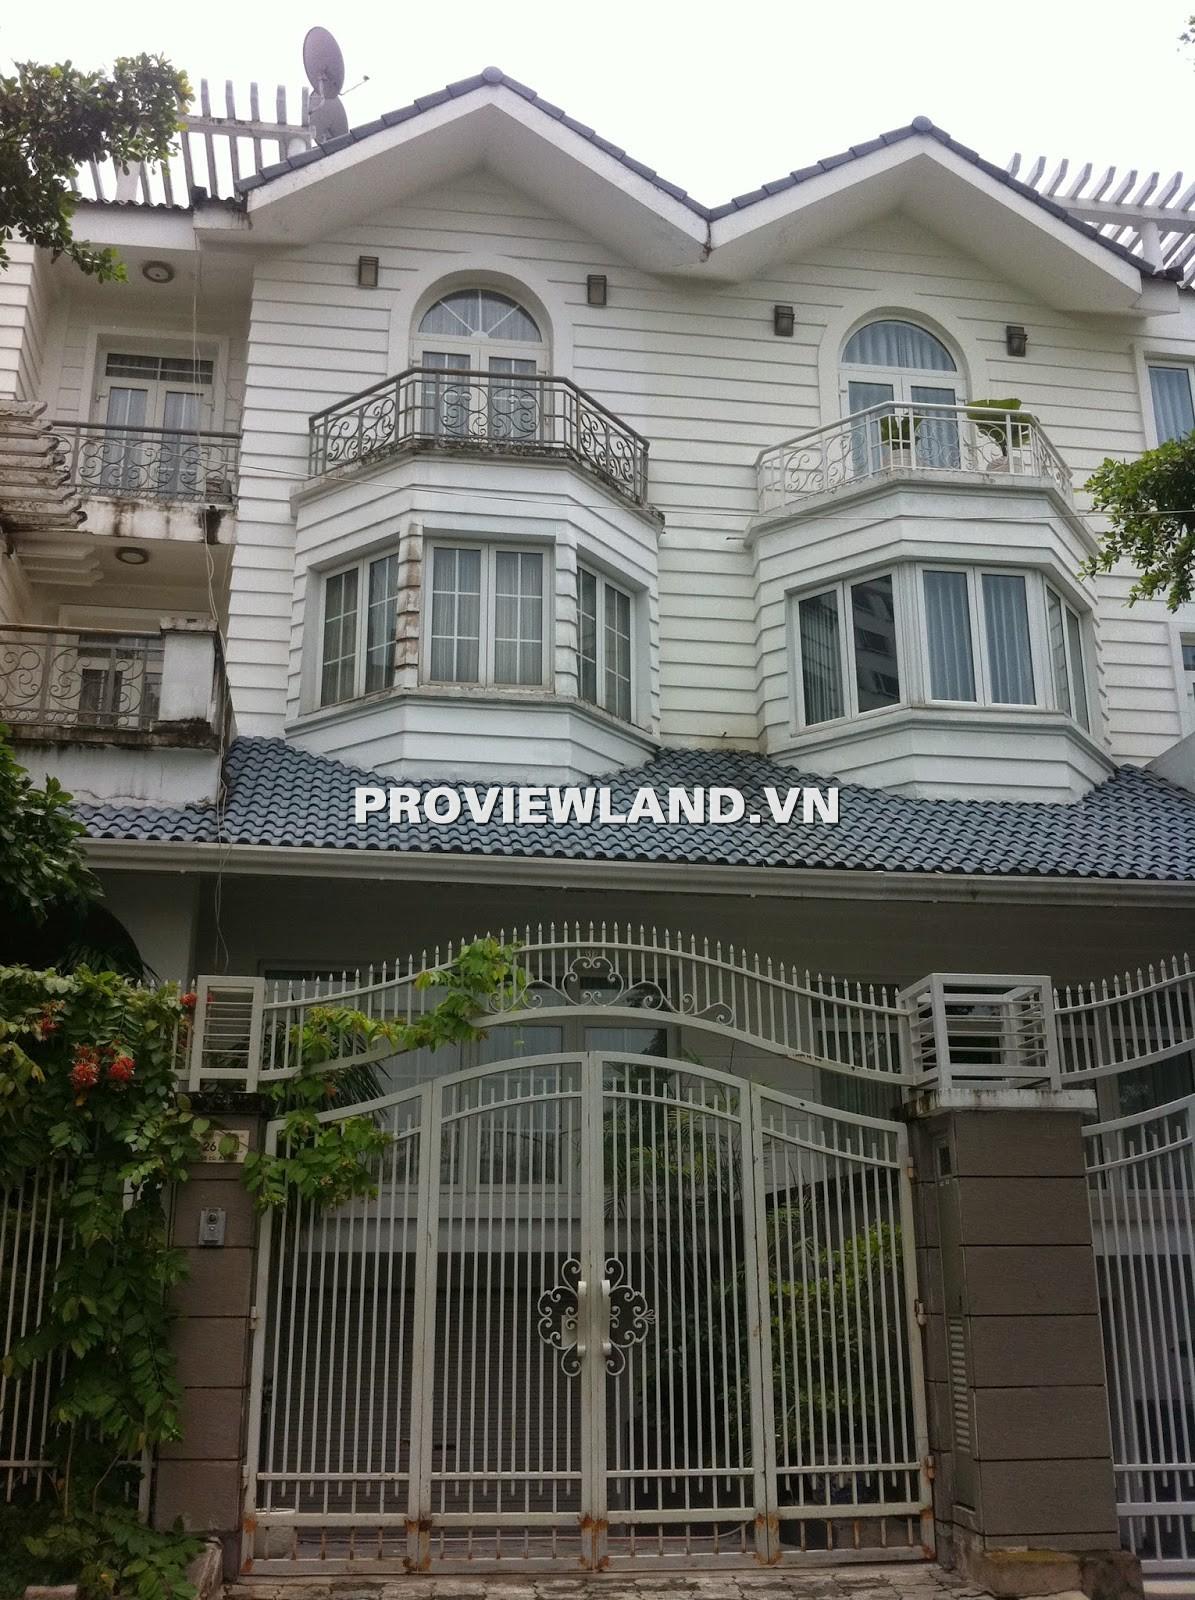 Bán biệt thự Saigon Pearl có diện tích 7x21m2 1 trệt 2 lầu ấp mái 4 phòng ngủ